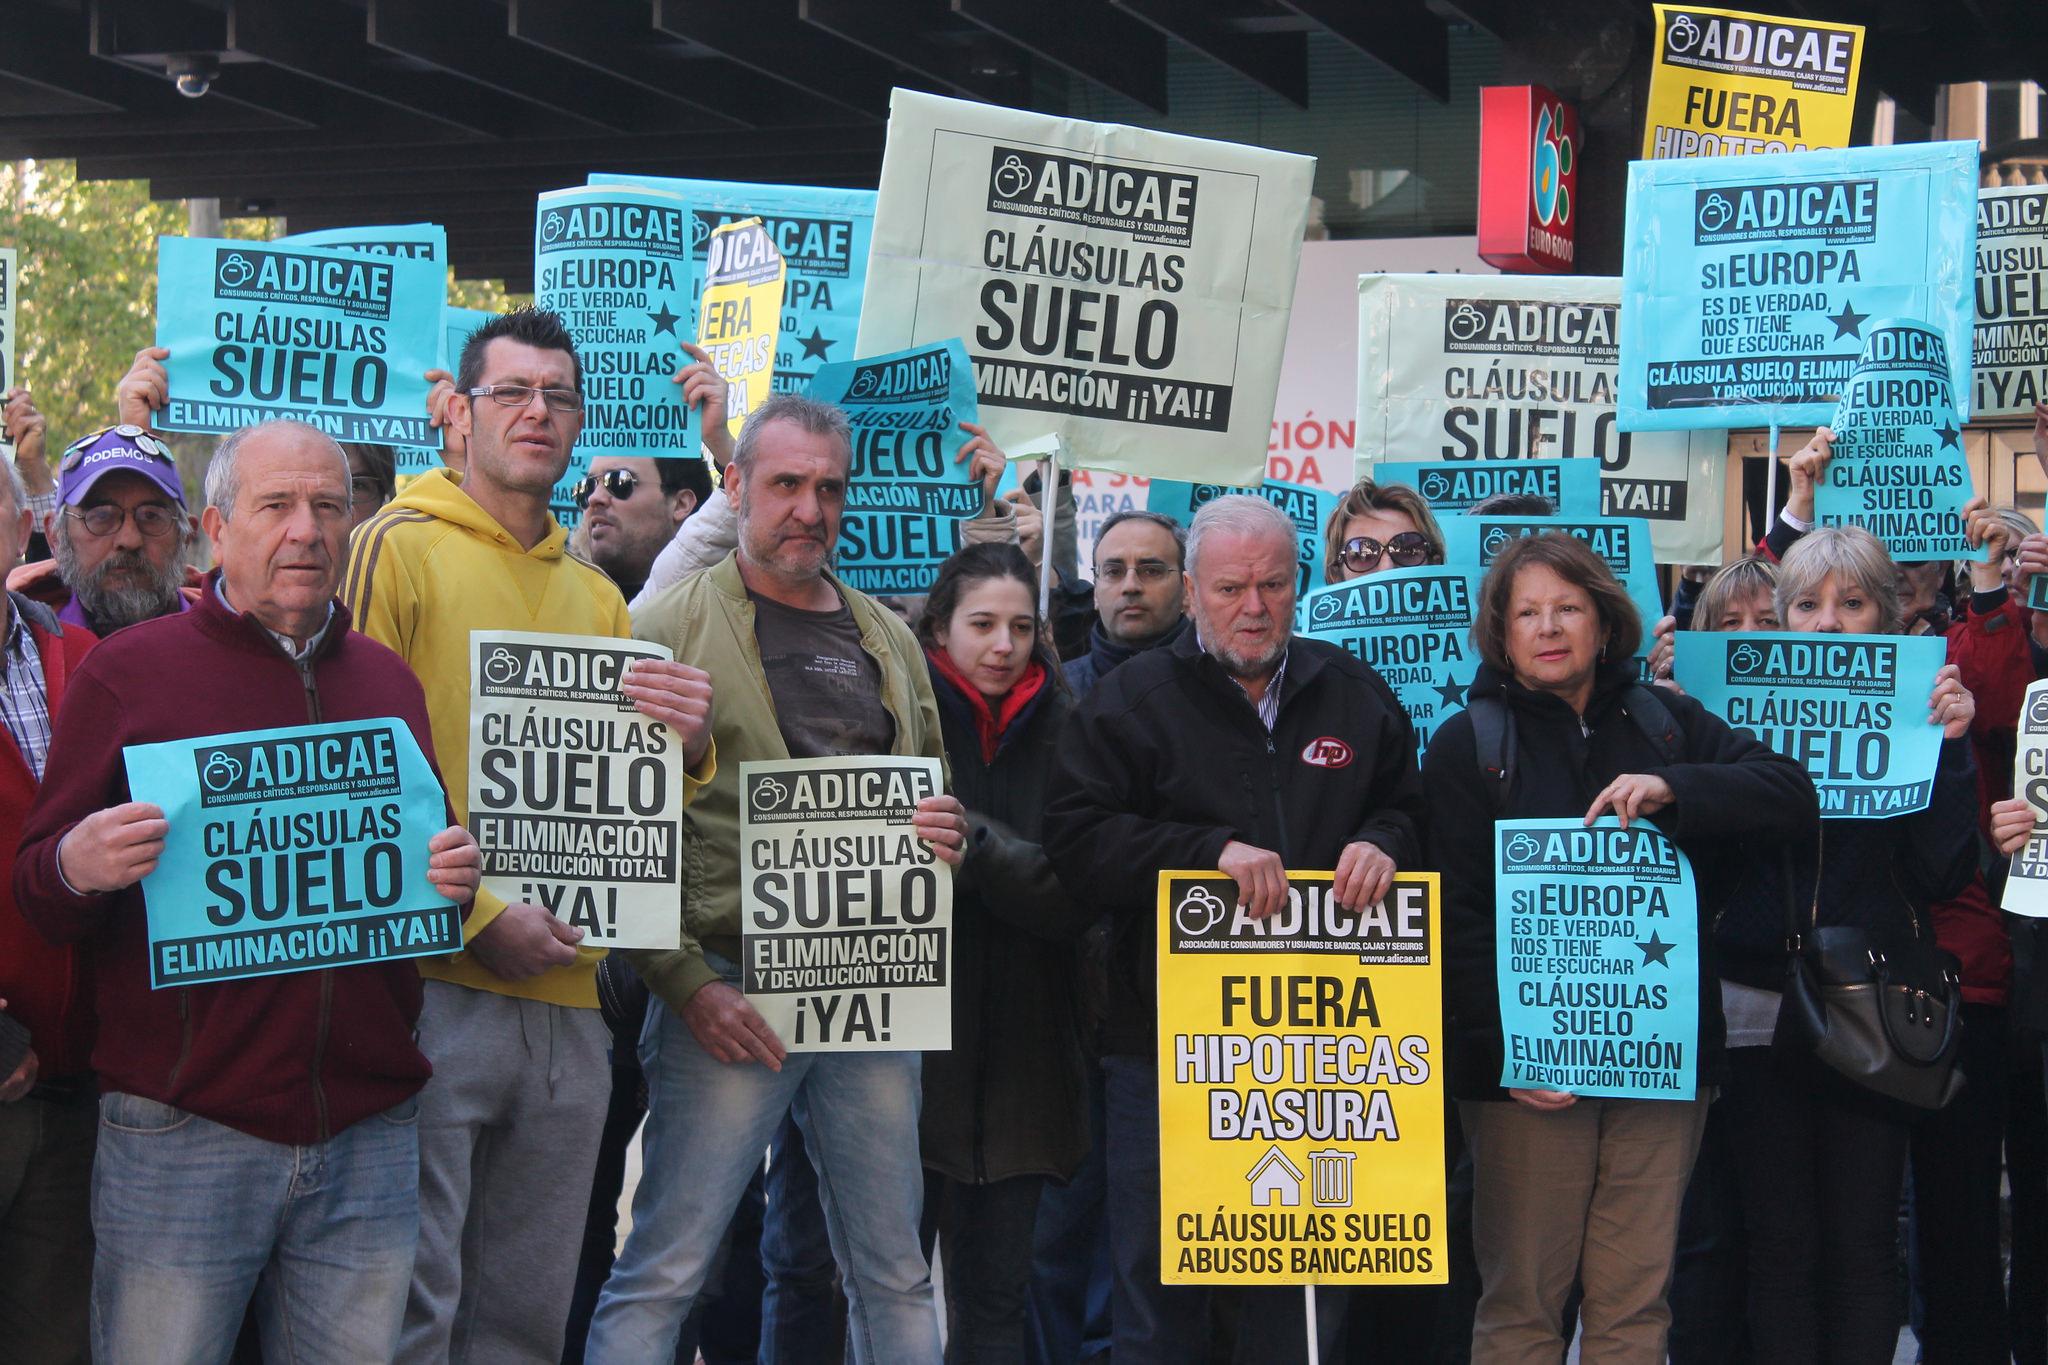 Manifestación contra las cláusulas suelo. ADICAE (Flickr)